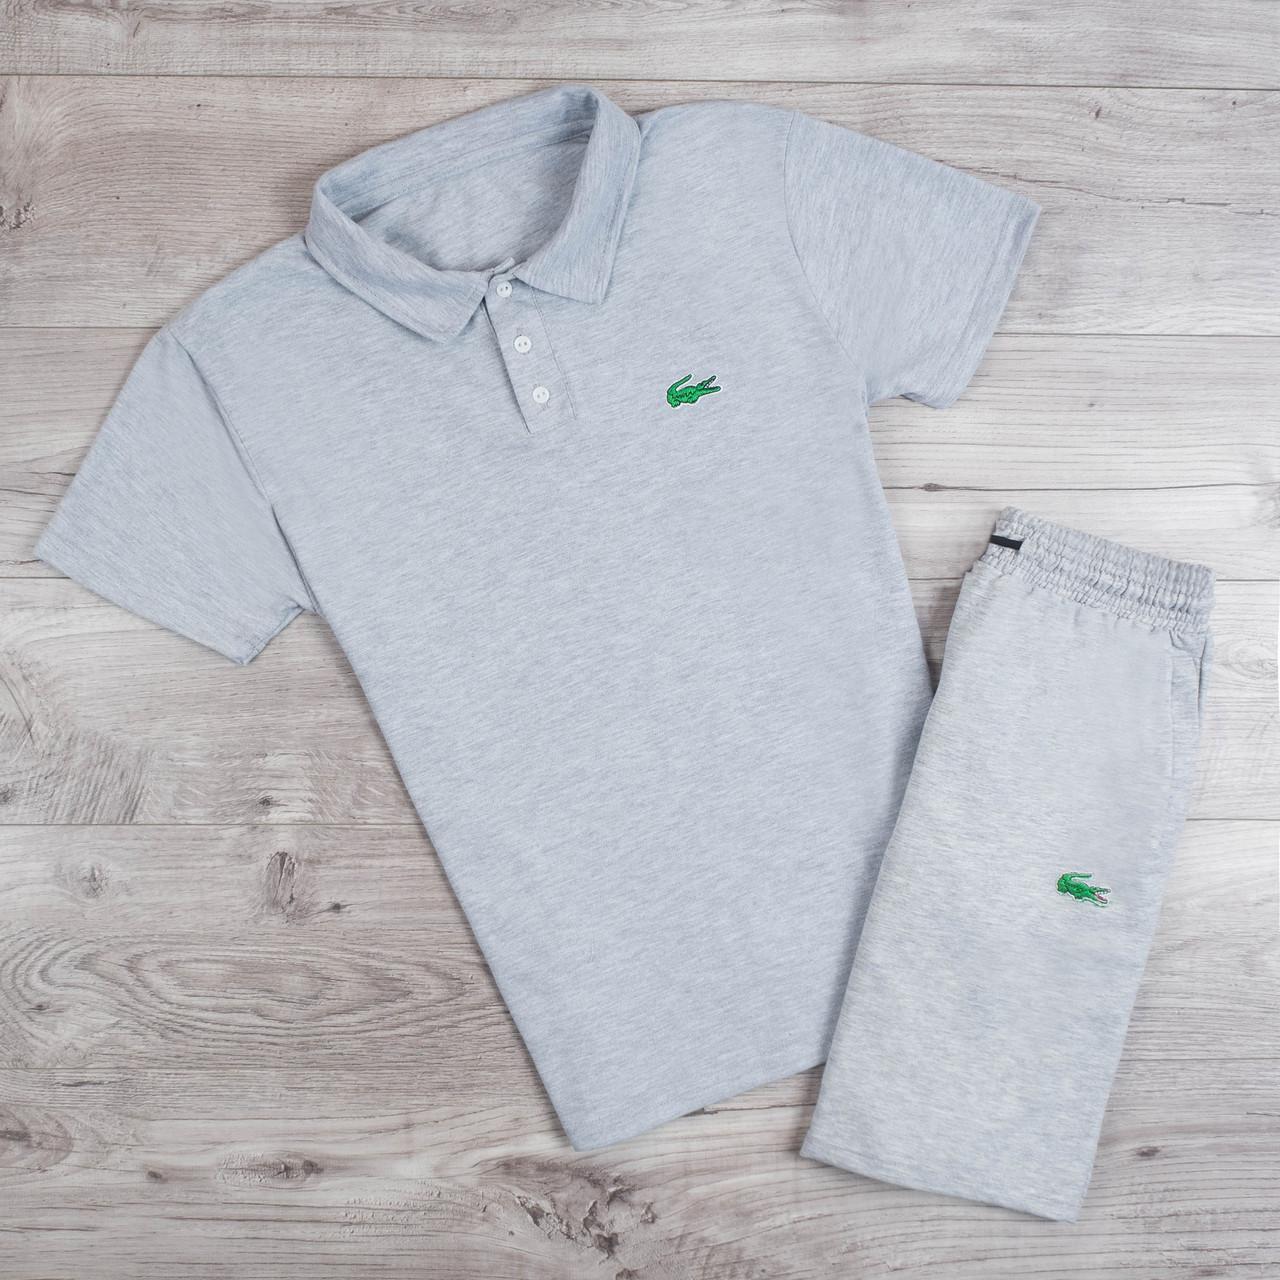 ac94a788e752 Шорты + футболка поло в стиле Lacoste / мужской спортивный костюм летний  Grey